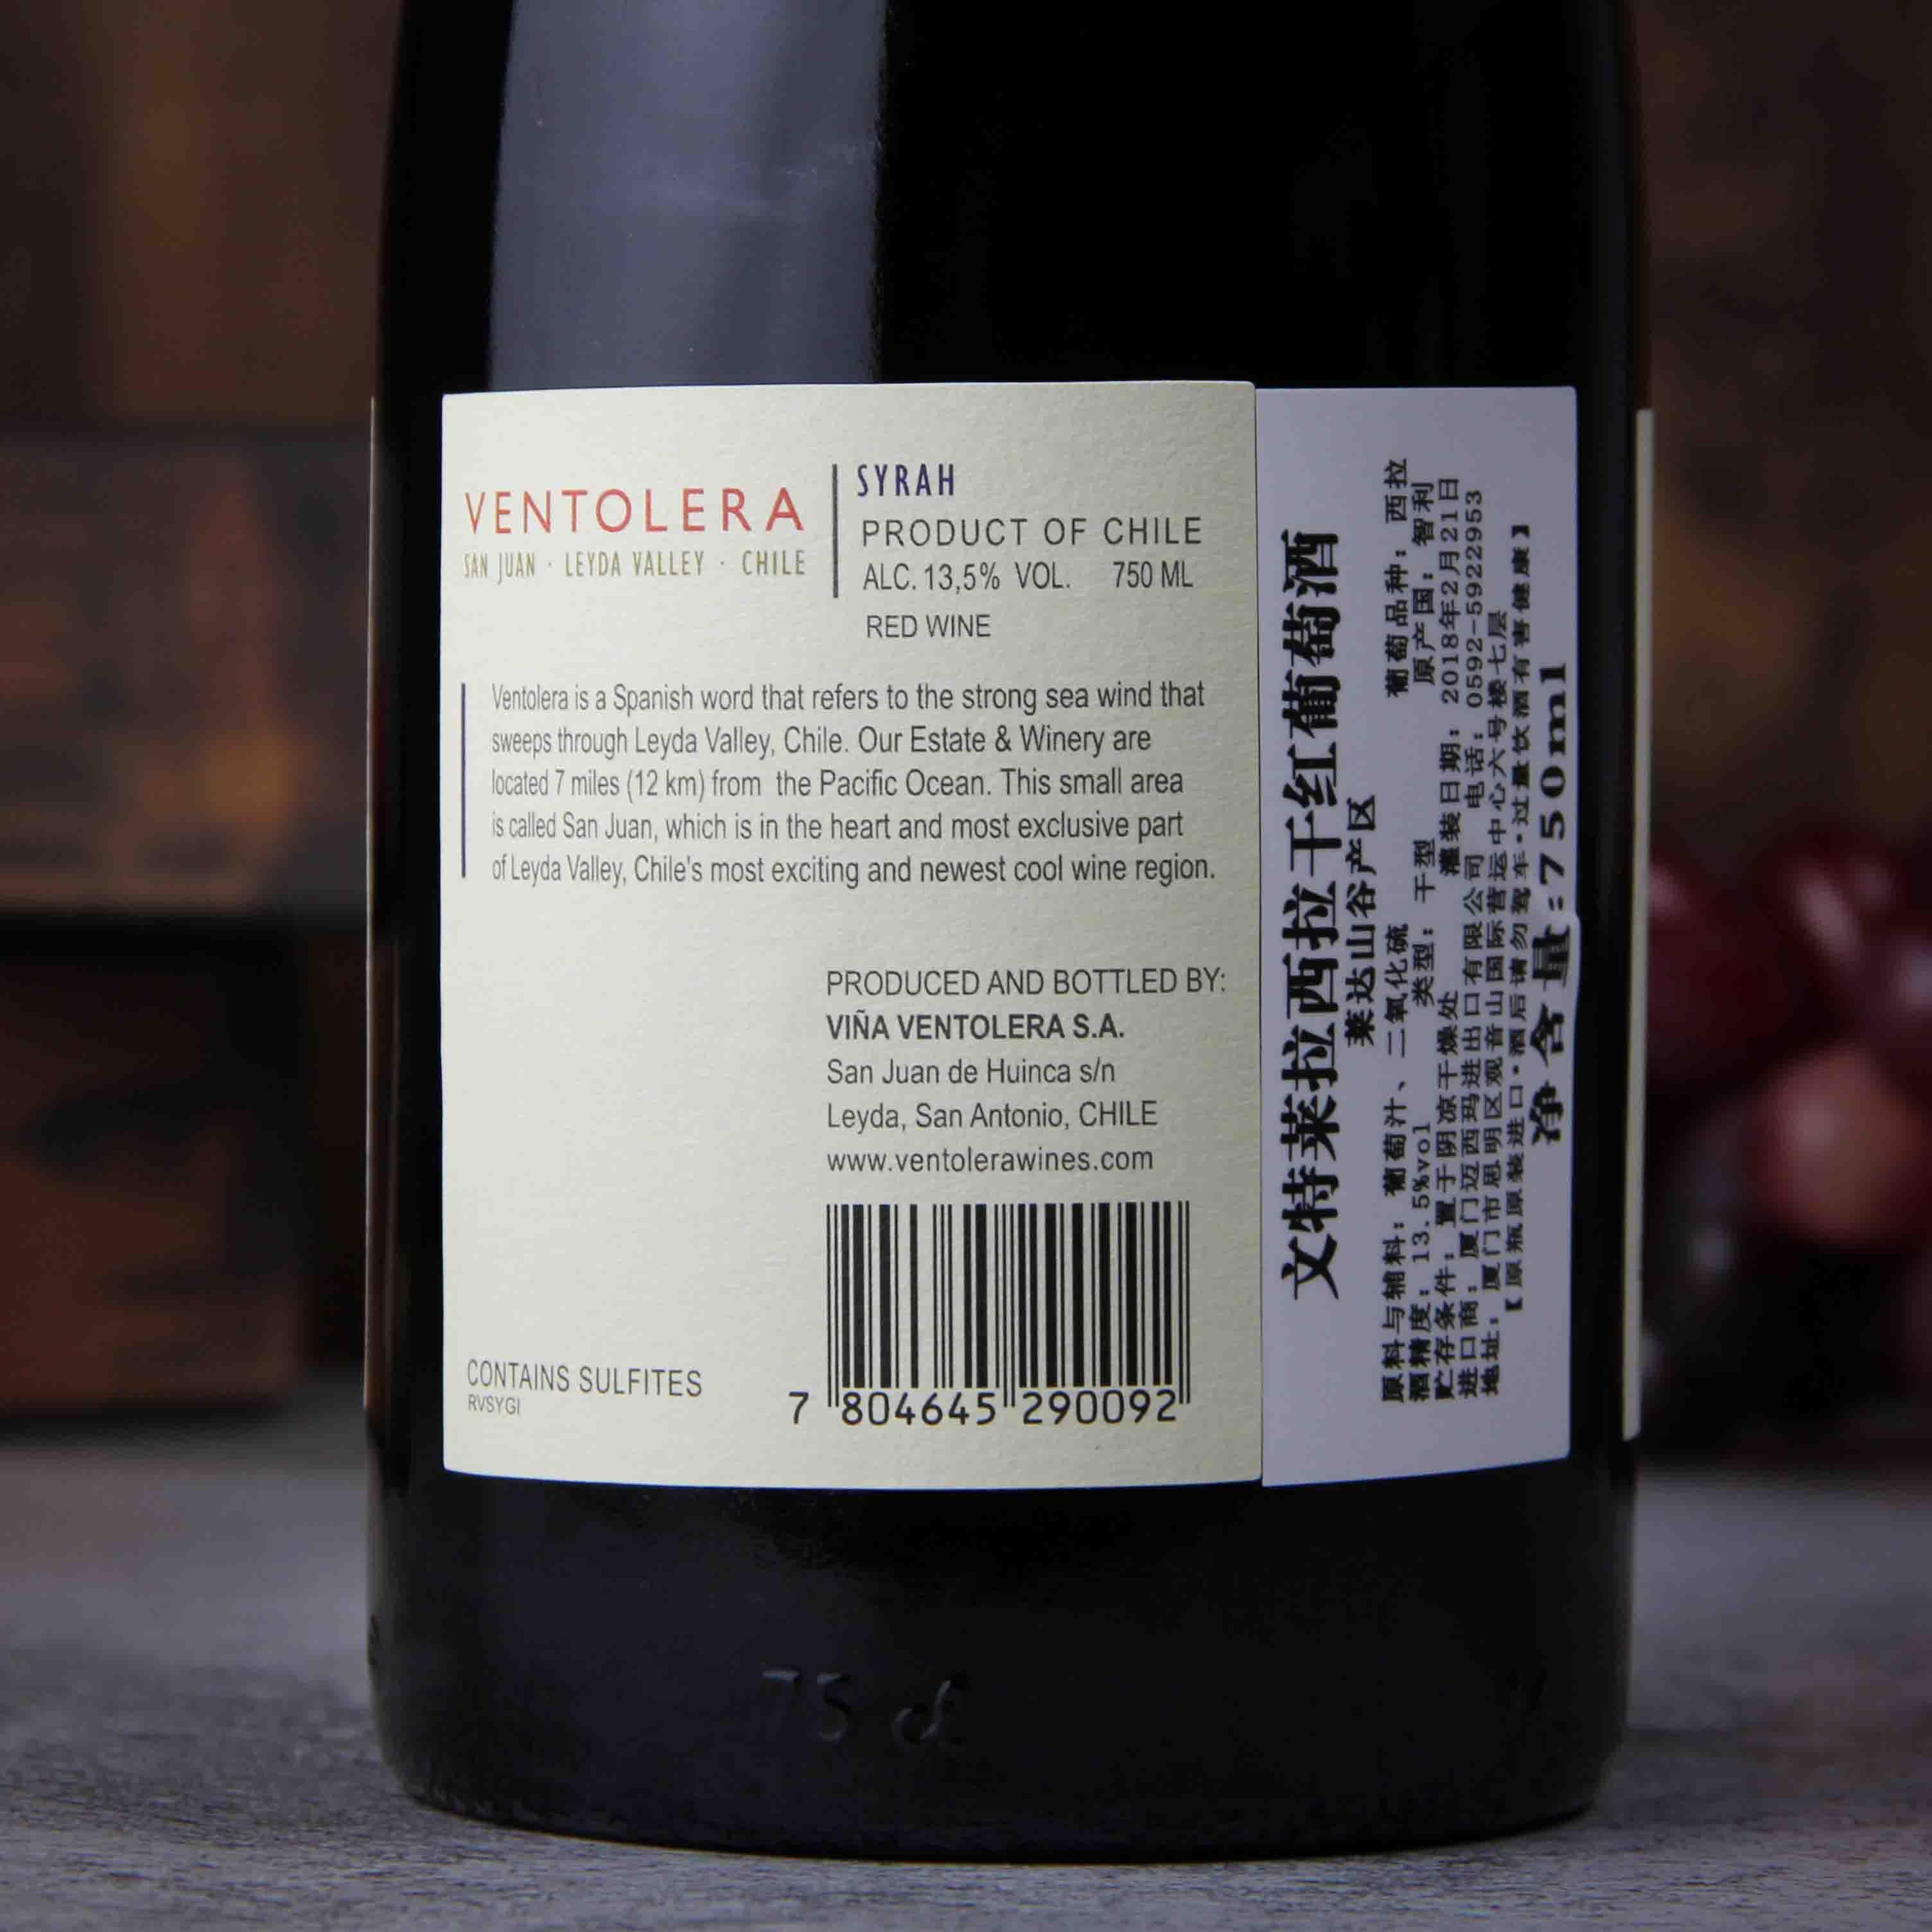 智利莱达山谷文特莱拉西拉干红葡萄酒